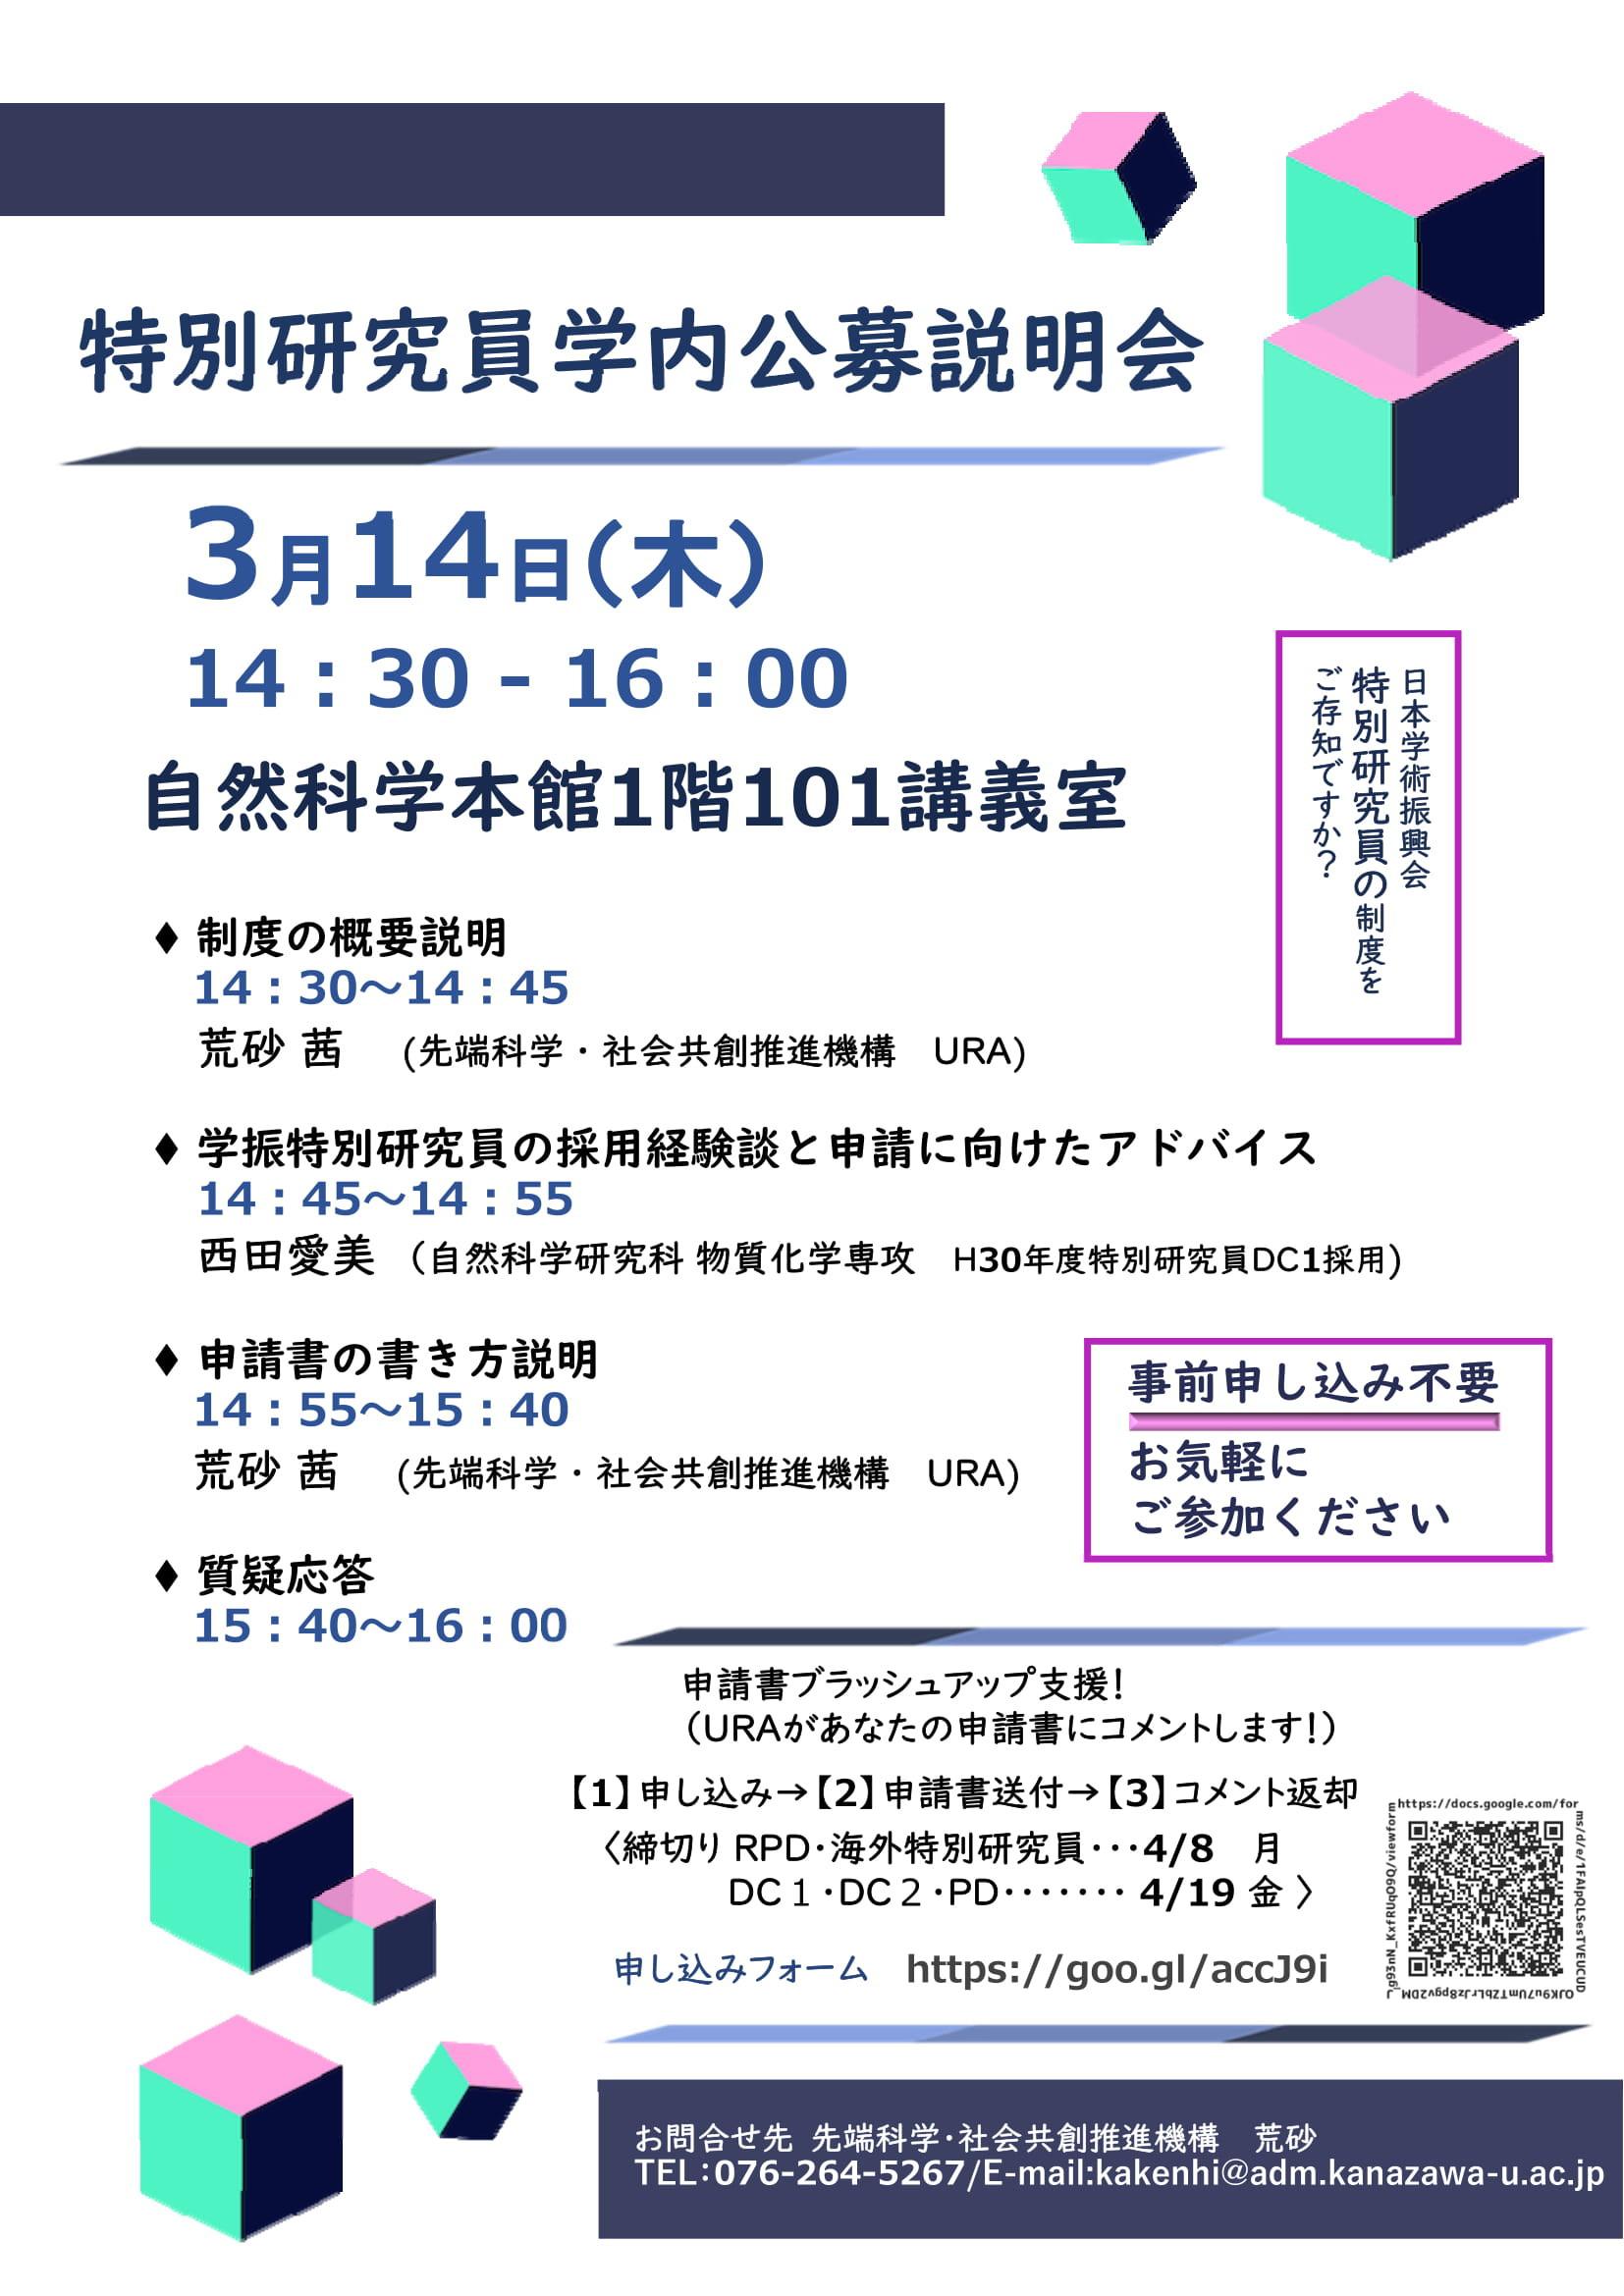 特別研究員公募説明会ポスタ-.jpg